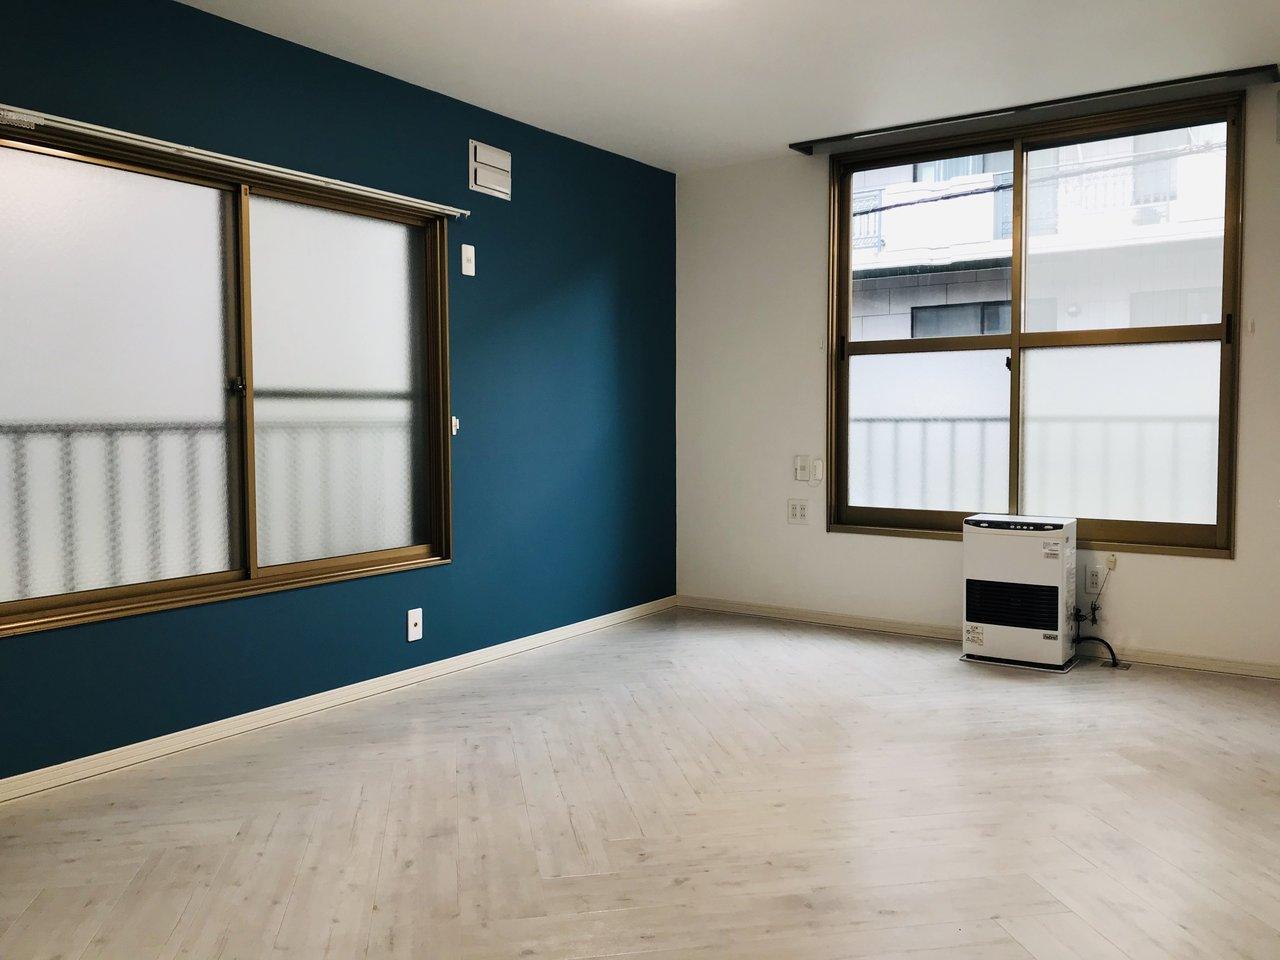 リビングの広さは約10畳。インテリアのレイアウトもあれこれ考えずに済みそうな、余裕のある大きさです。床のくすんだグレーに色と壁紙、合いますね。